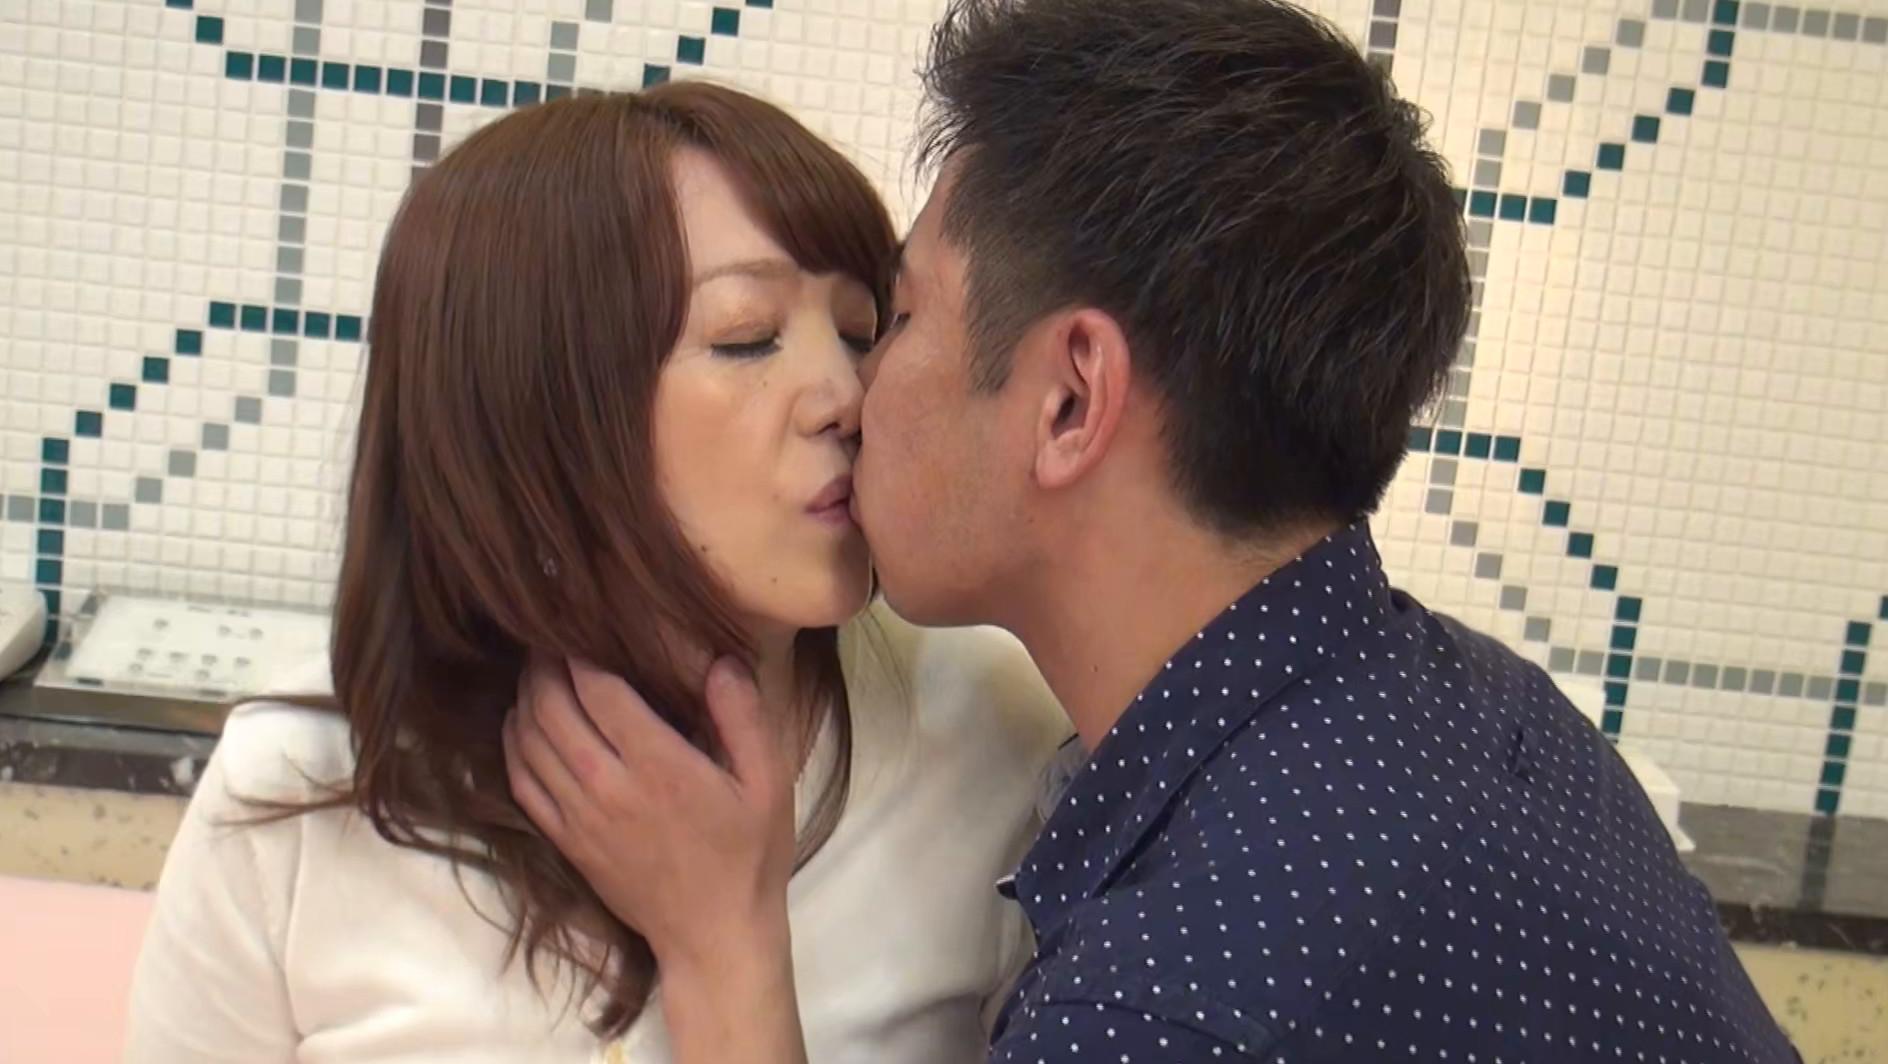 【五十路】応募素人妻 幸恵さん 55歳